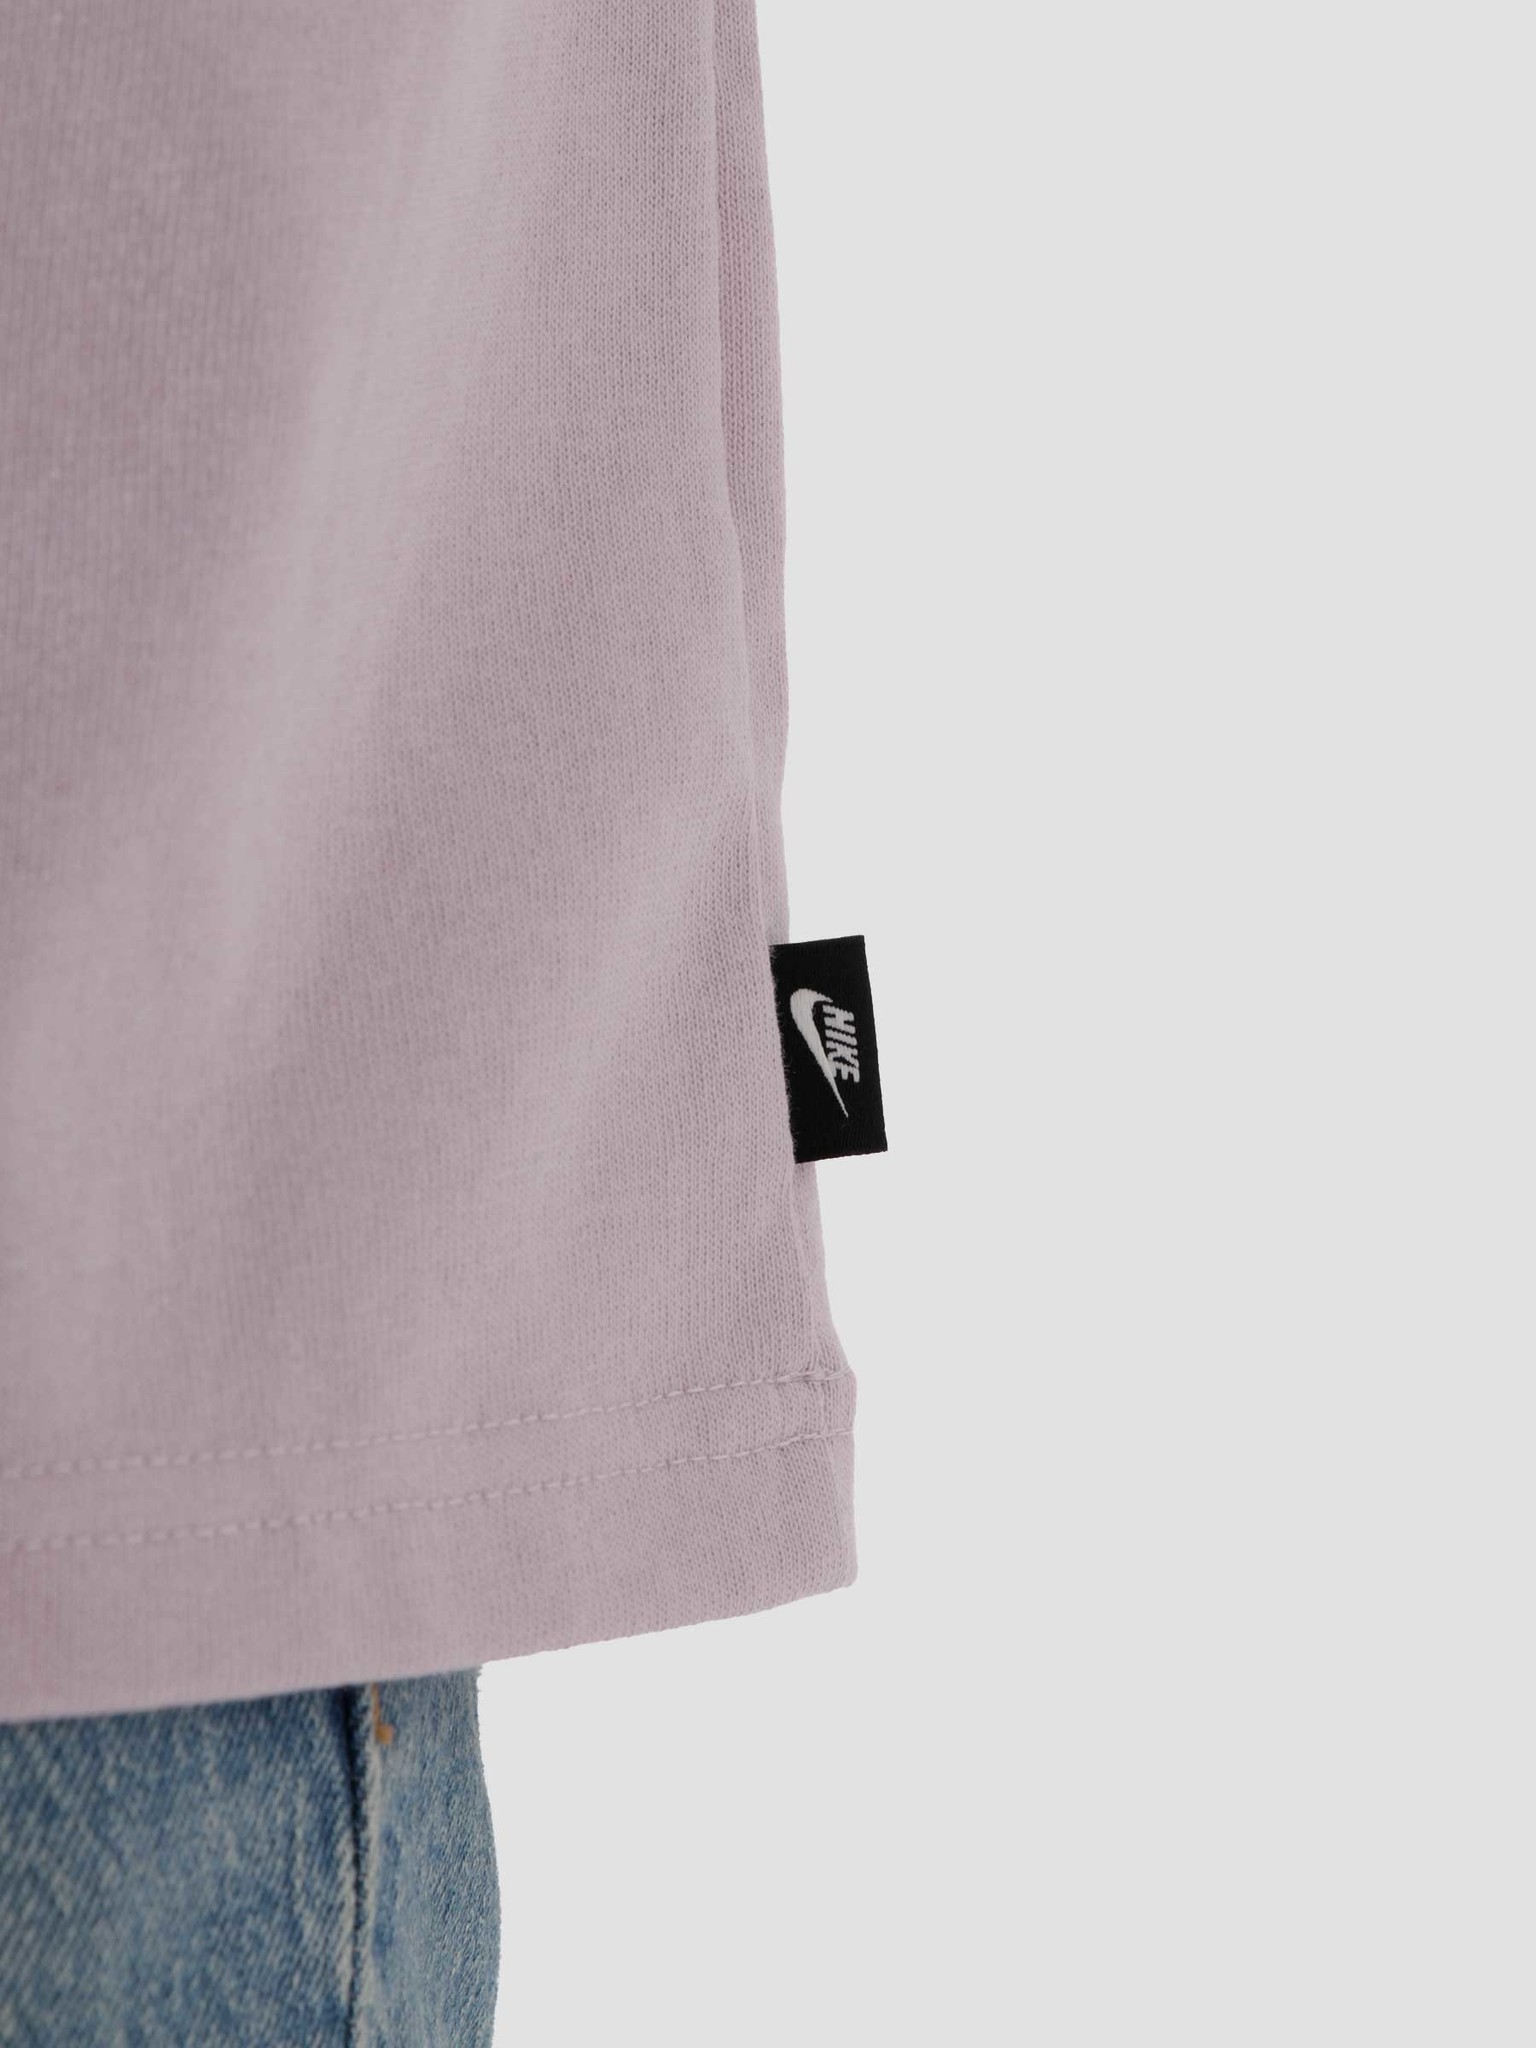 Nike Nike Nsw T-Shirt Premium Essential Iced Lilac DB3193-576